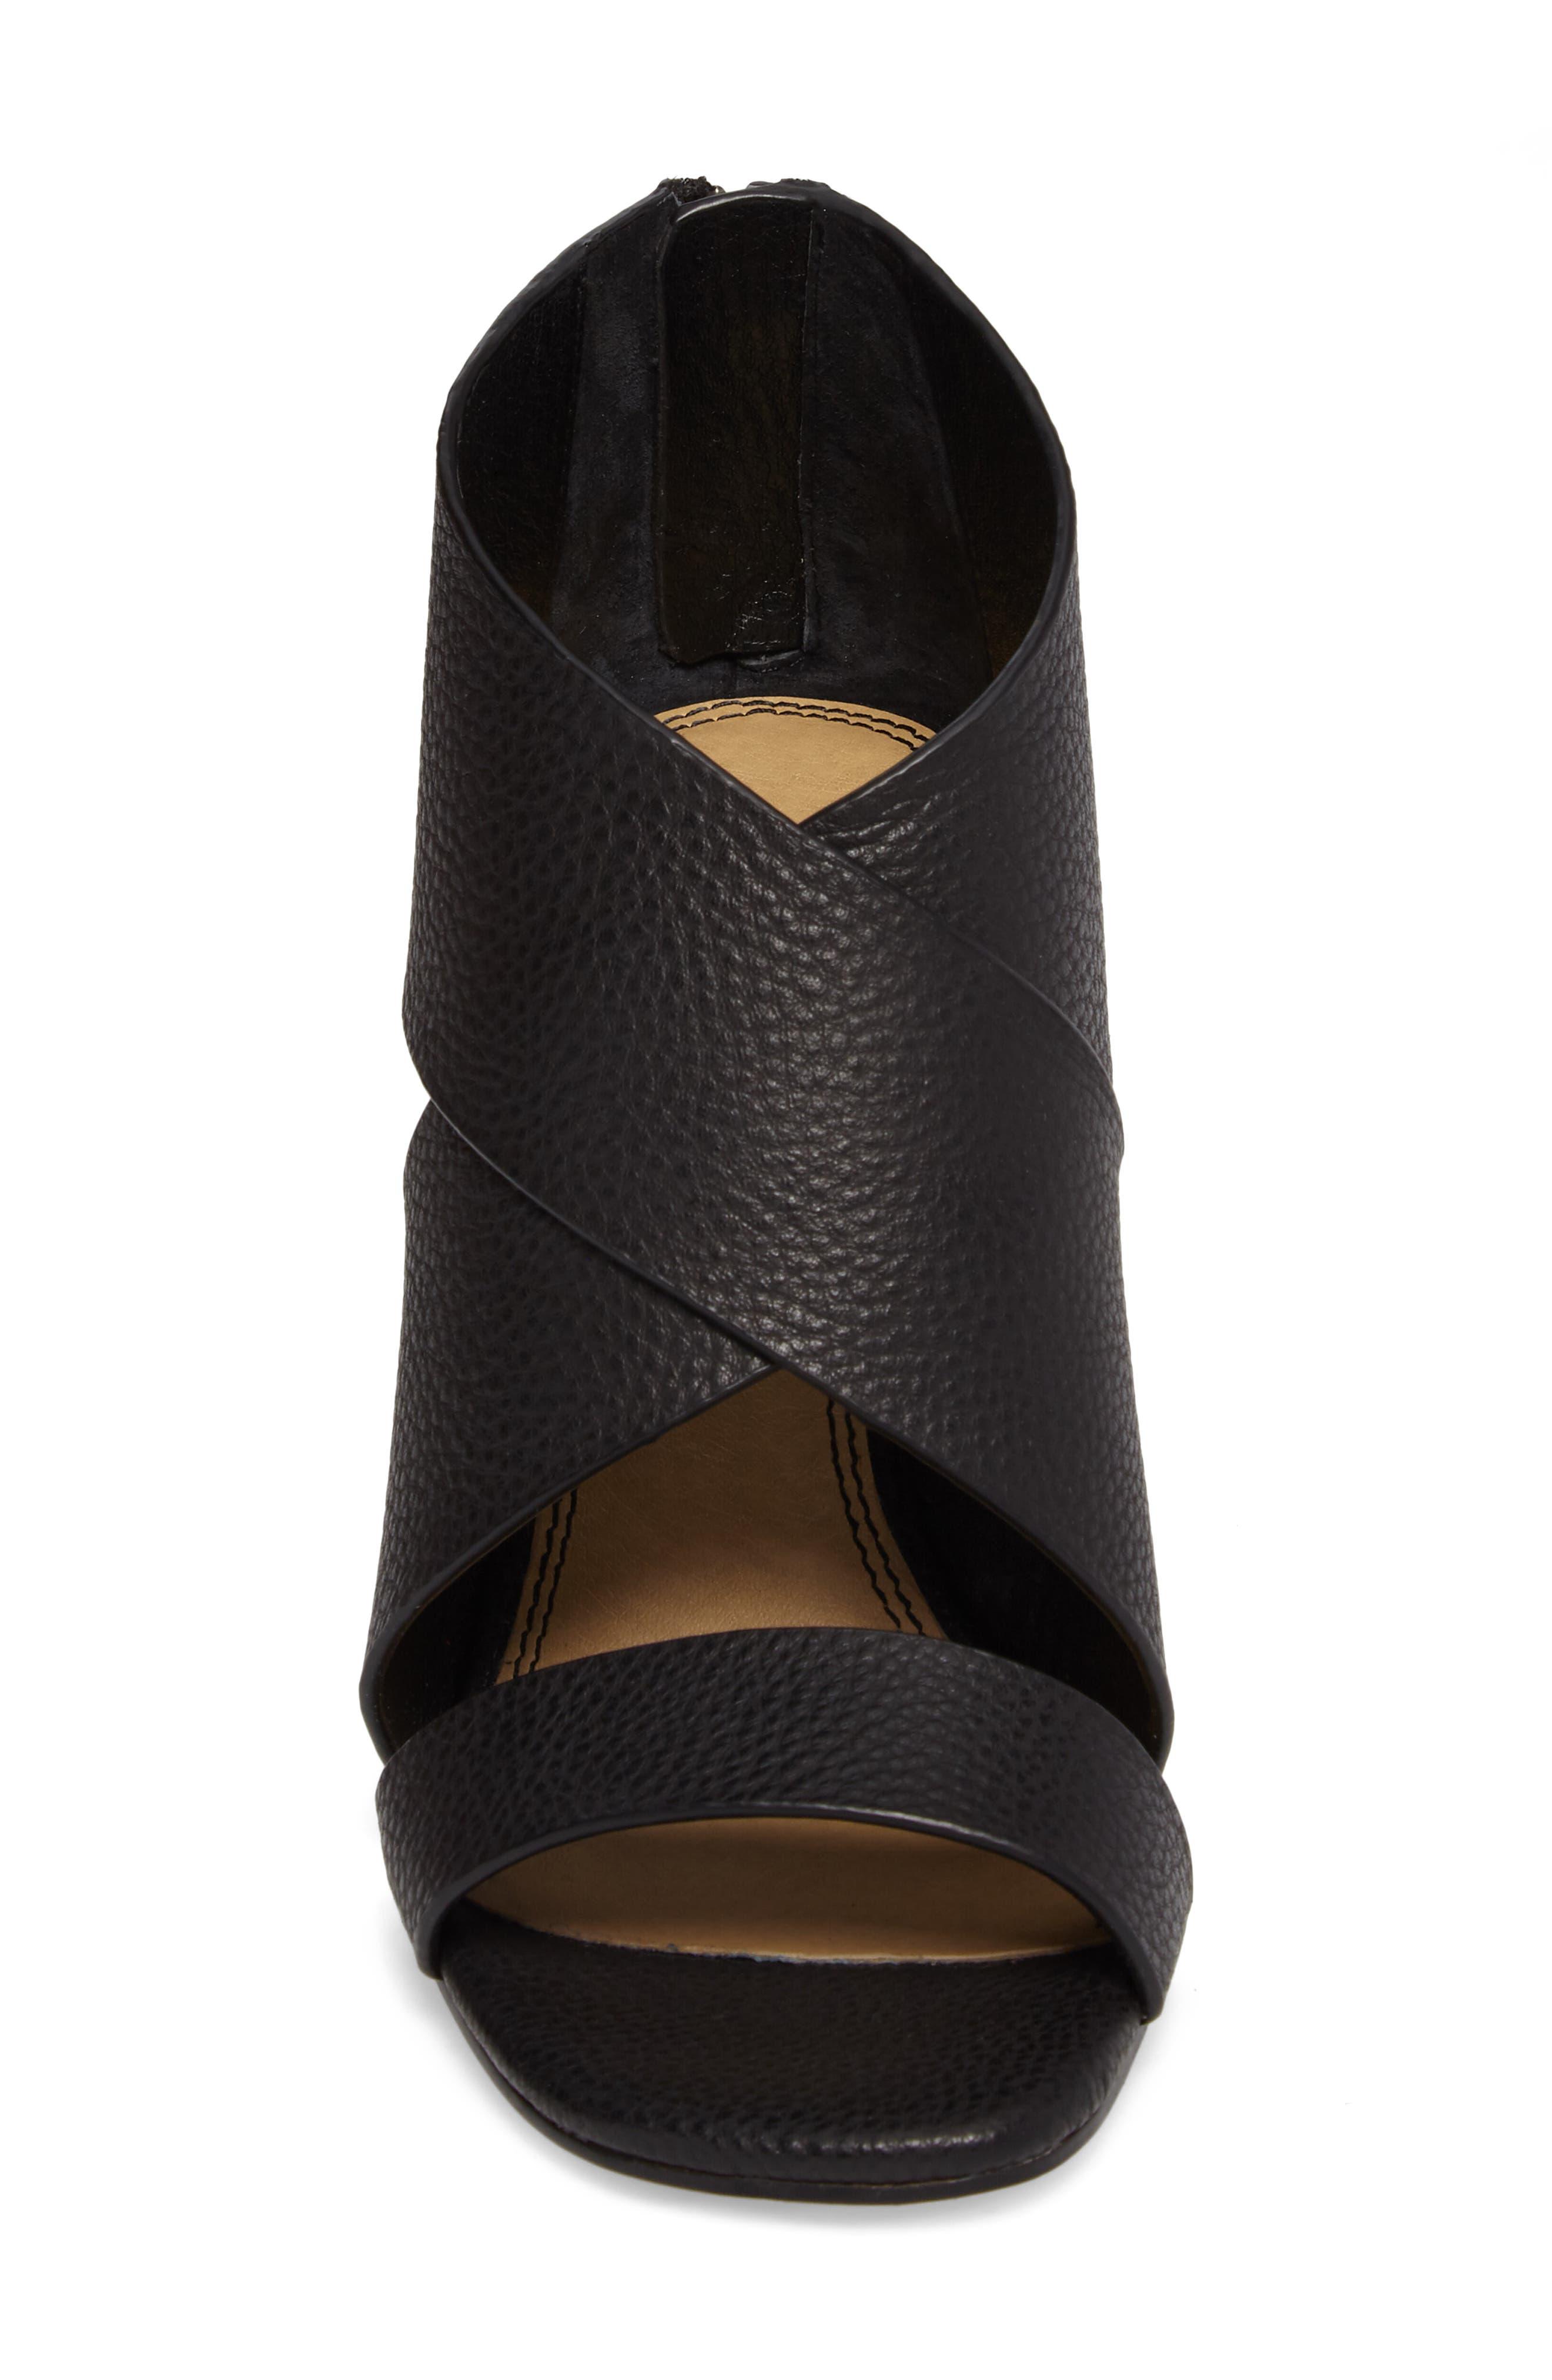 Danett Cross Strap Sandal,                             Alternate thumbnail 4, color,                             002